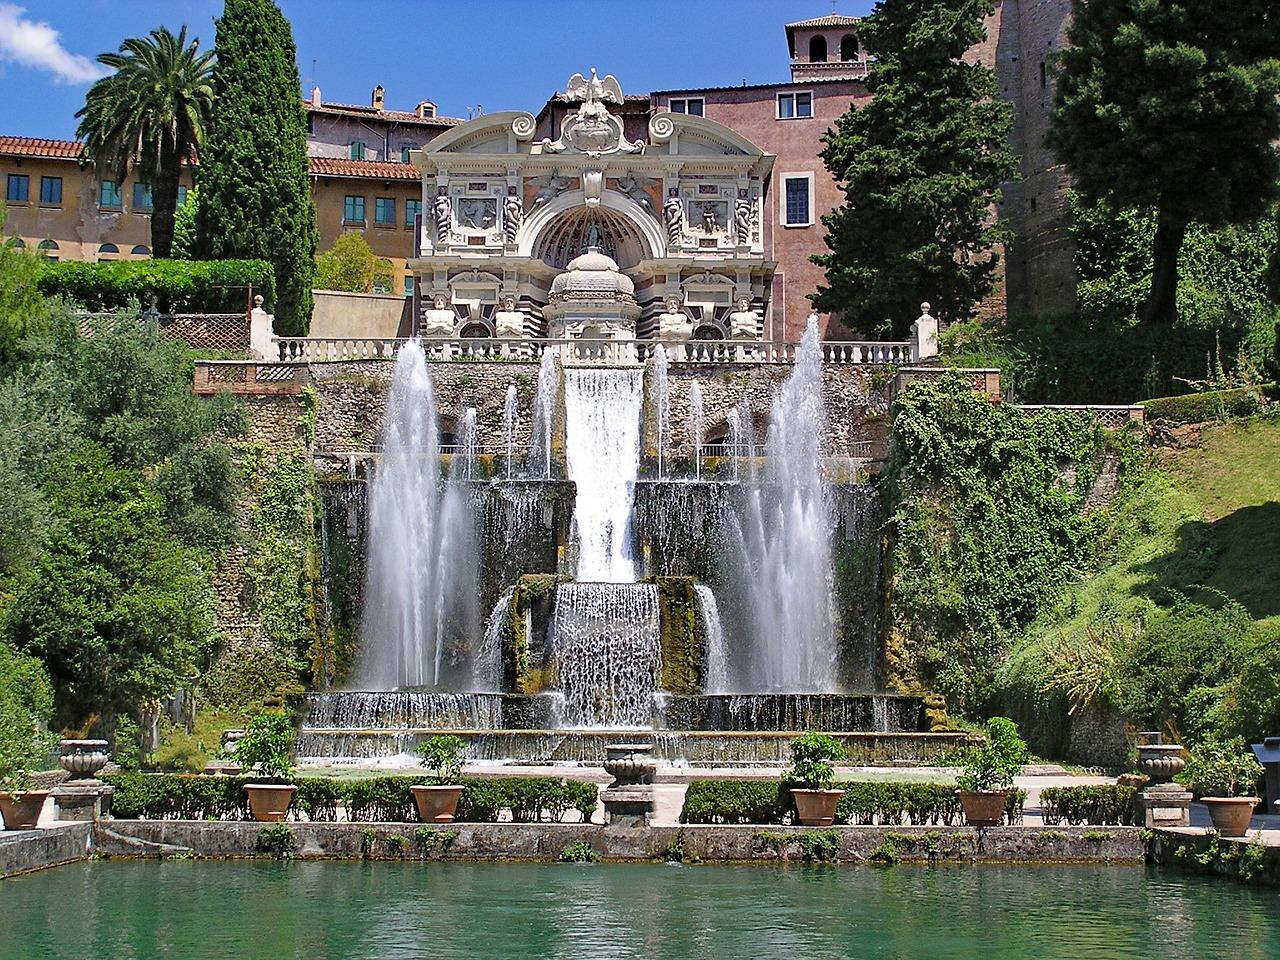 Villa d'Este a Tivoli: meraviglia di arte e giochi d'acqua